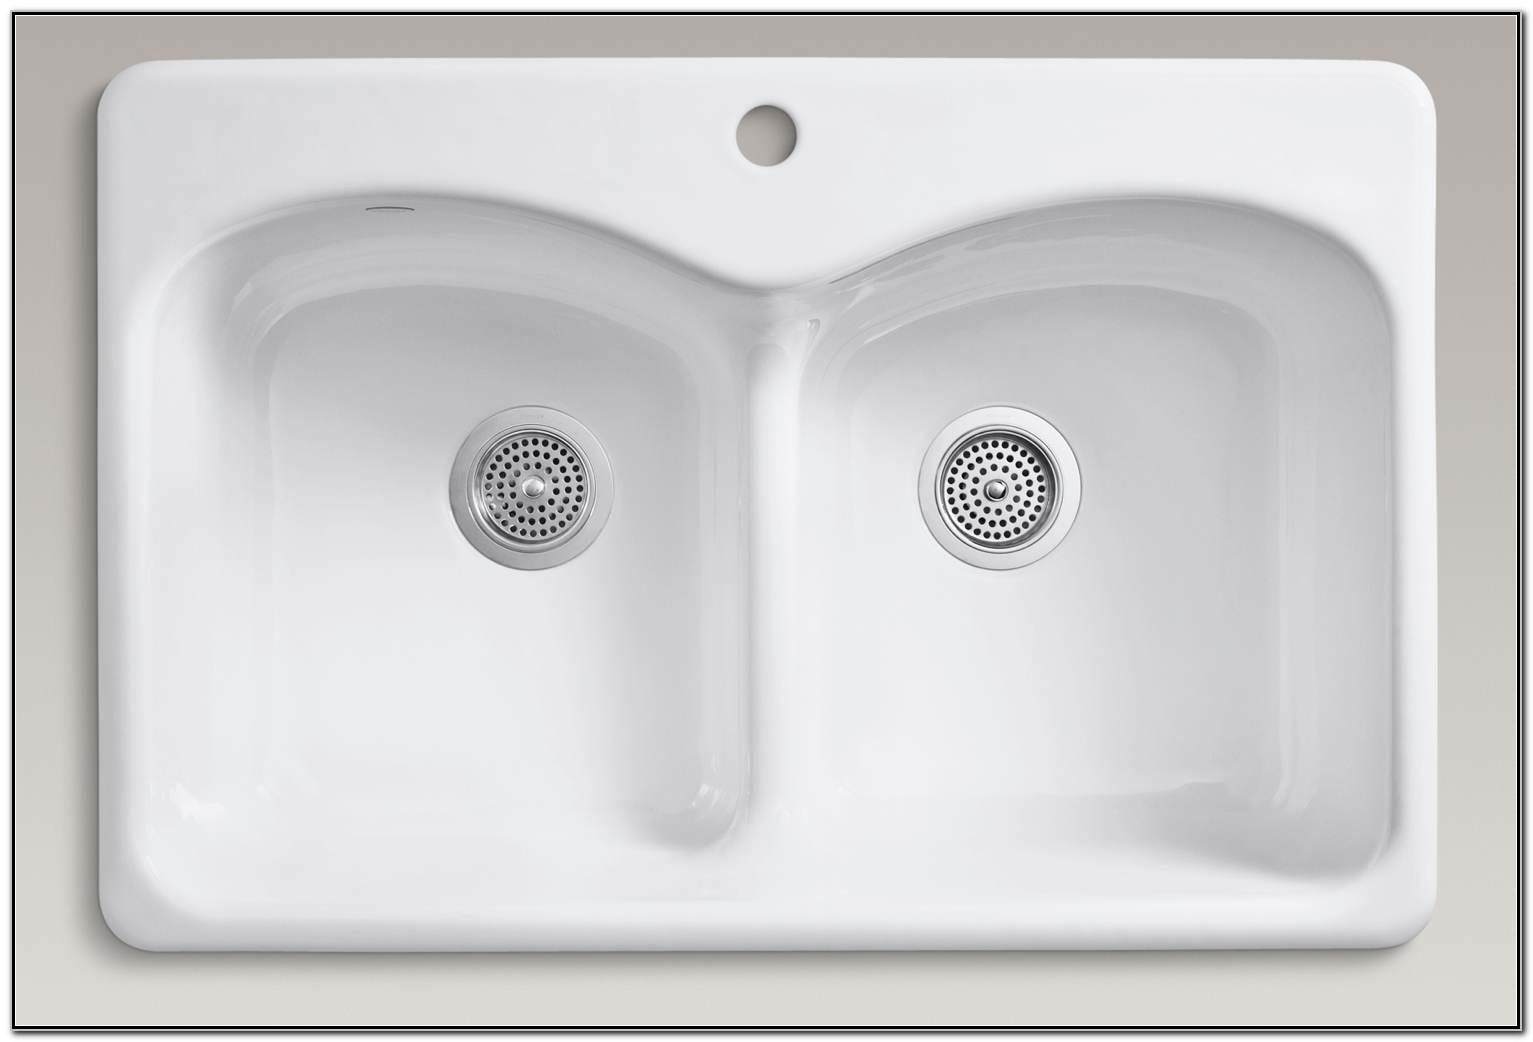 Kohler Langlade Smart Divide Sink